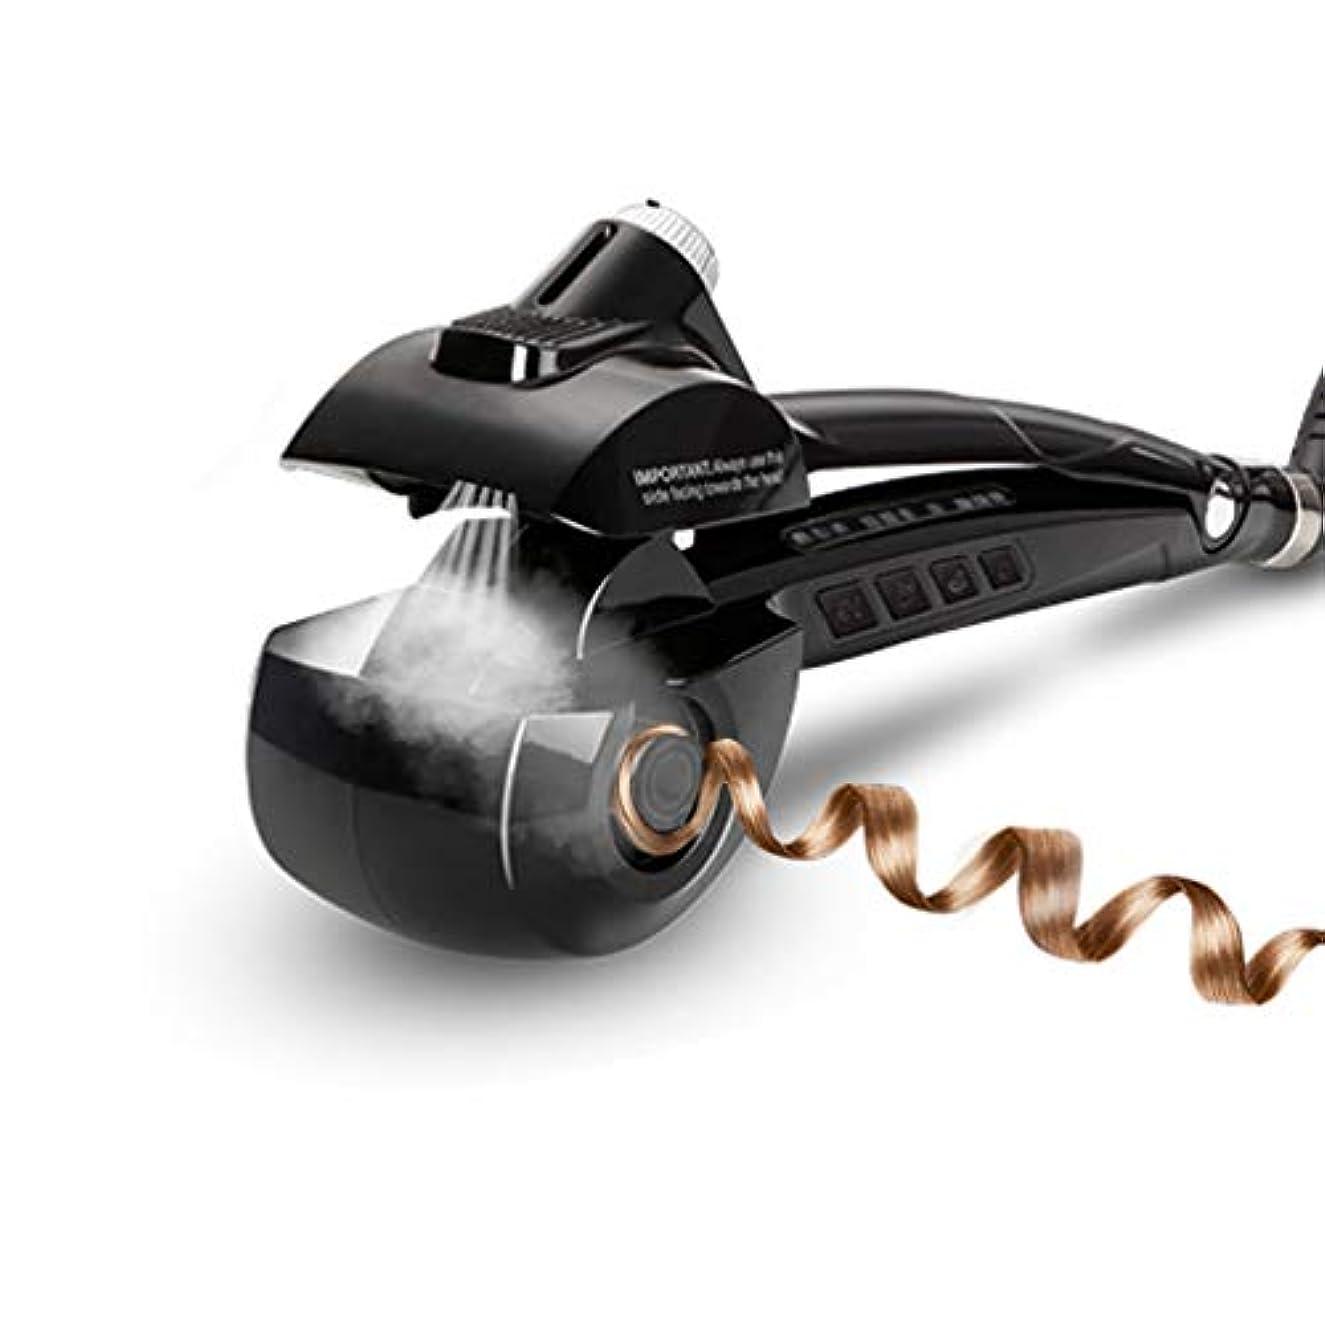 インタビューメダル不毛の女性自動ヘアカーラースチームヘアカーラーセラミックカールマシンアンチもつれヘアスチームセラミックカーリングワンド自動カーリングワンドサロンプロフェッショナルツール